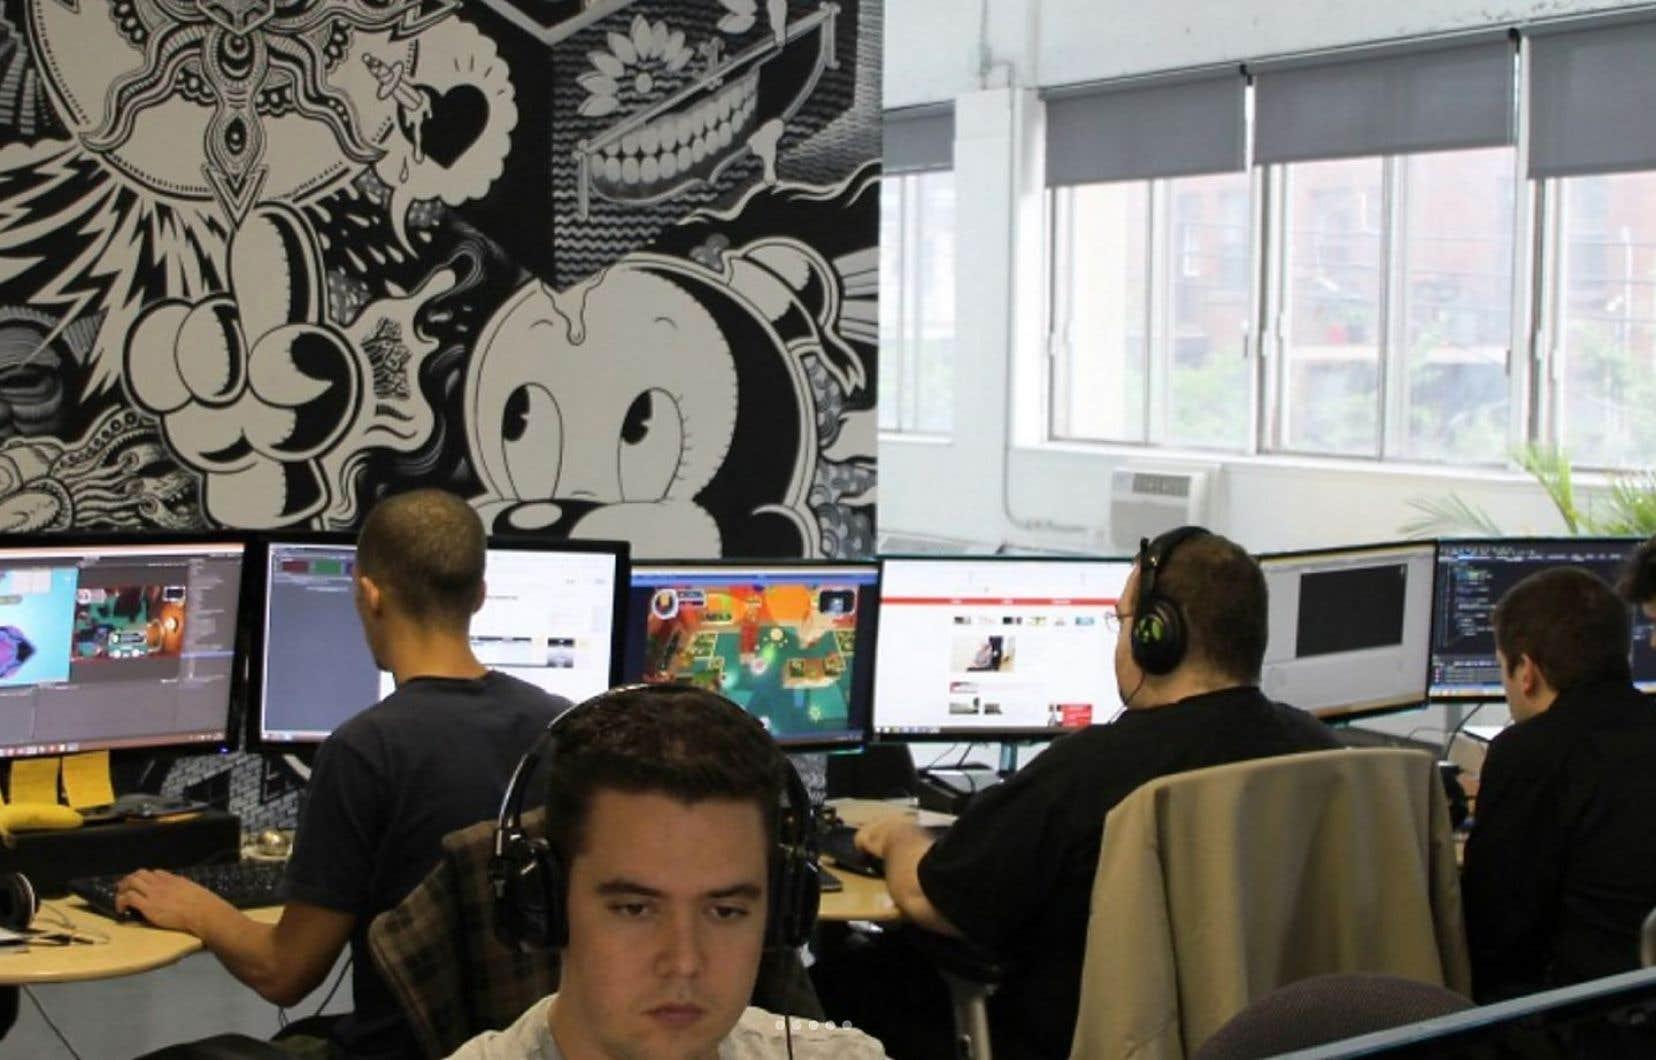 Les chercheurs du CIRANO se sont aussi demandé si le crédit d'impôt permet de créer de nouveaux emplois dans l'industrie du jeu vidéo, ou s'il ne fait que déplacer une main-d'oeuvre qualifiée dont auraient besoin plusieurs entreprises technologiques québécoises.